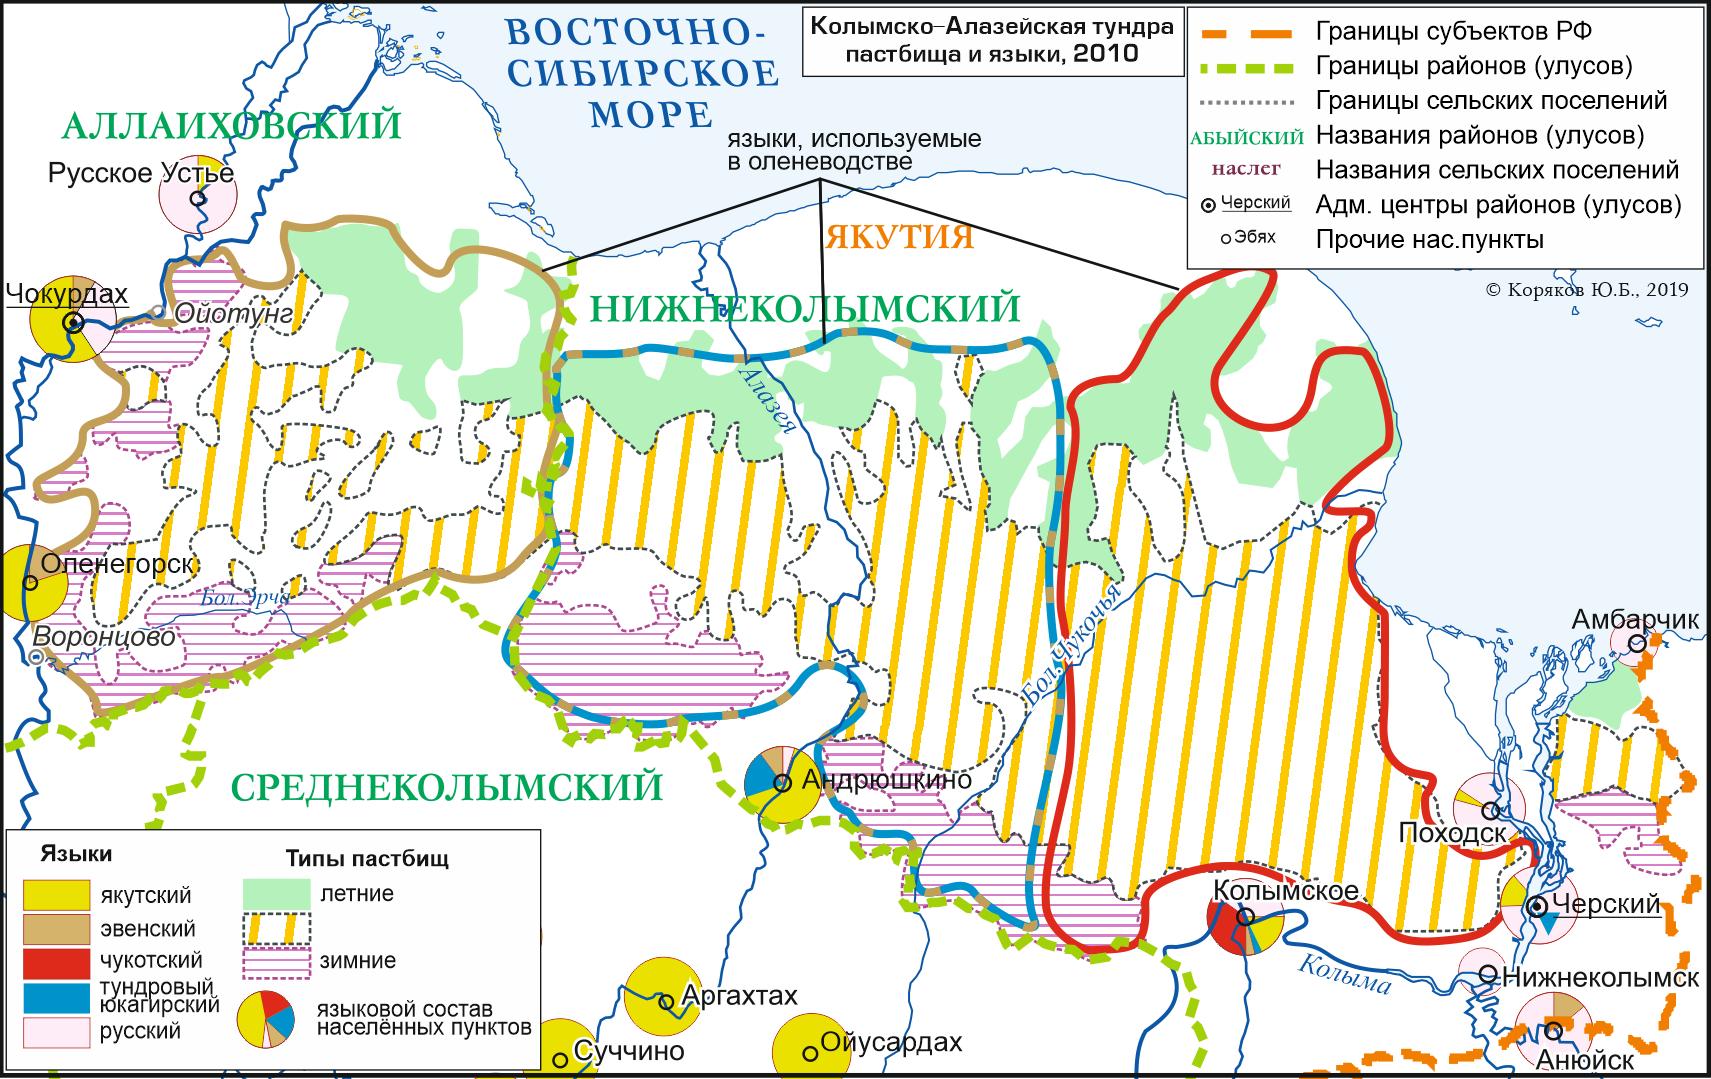 Колымско-Алазейская тундра, пастбища и языки